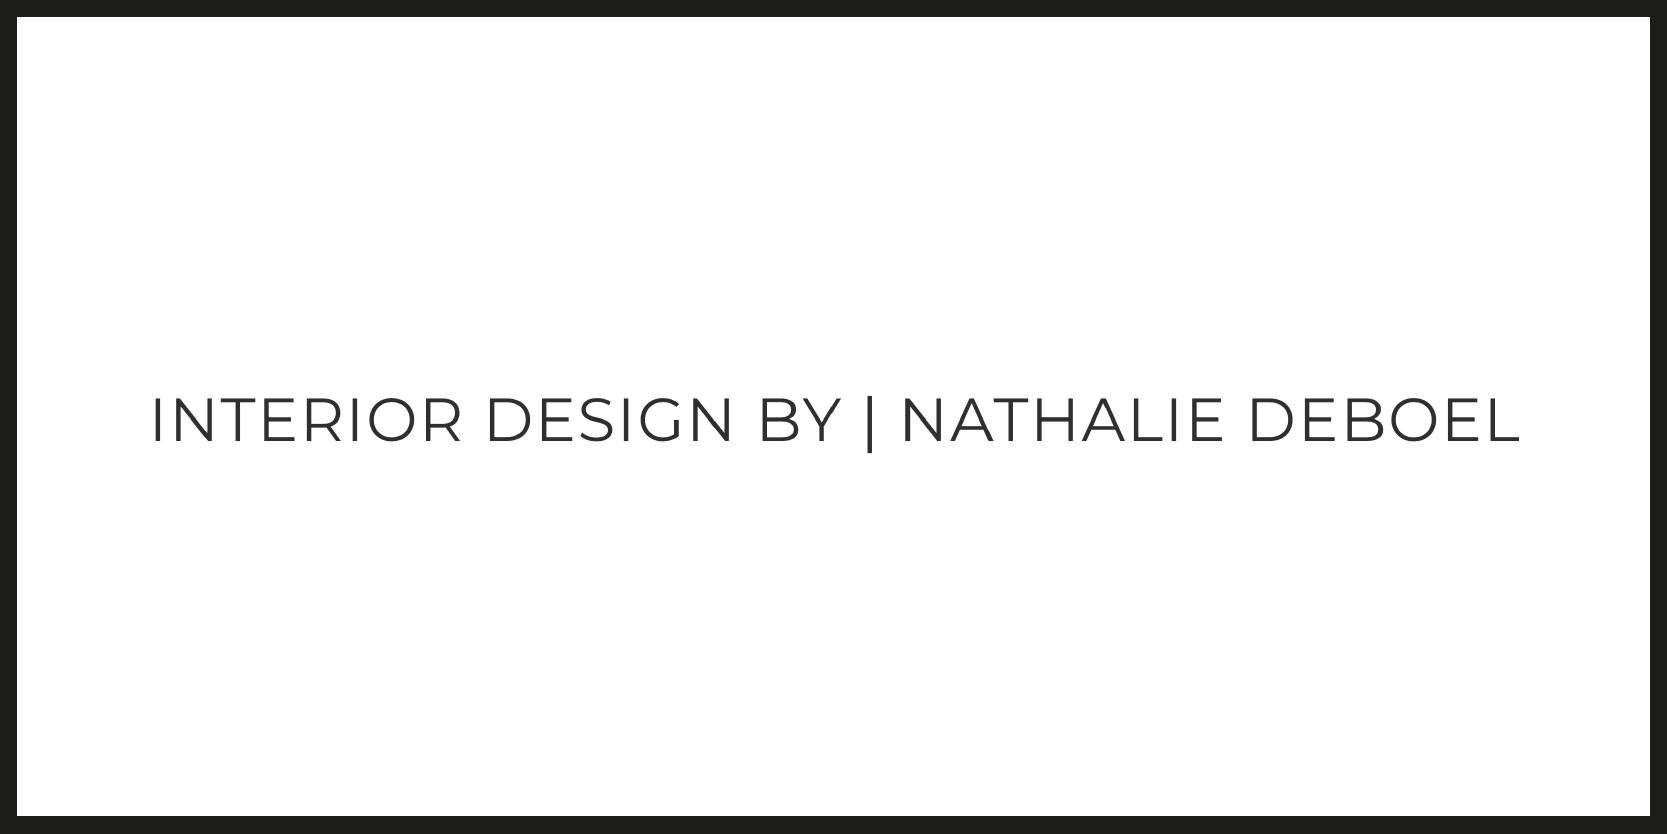 Nathalie Deboel